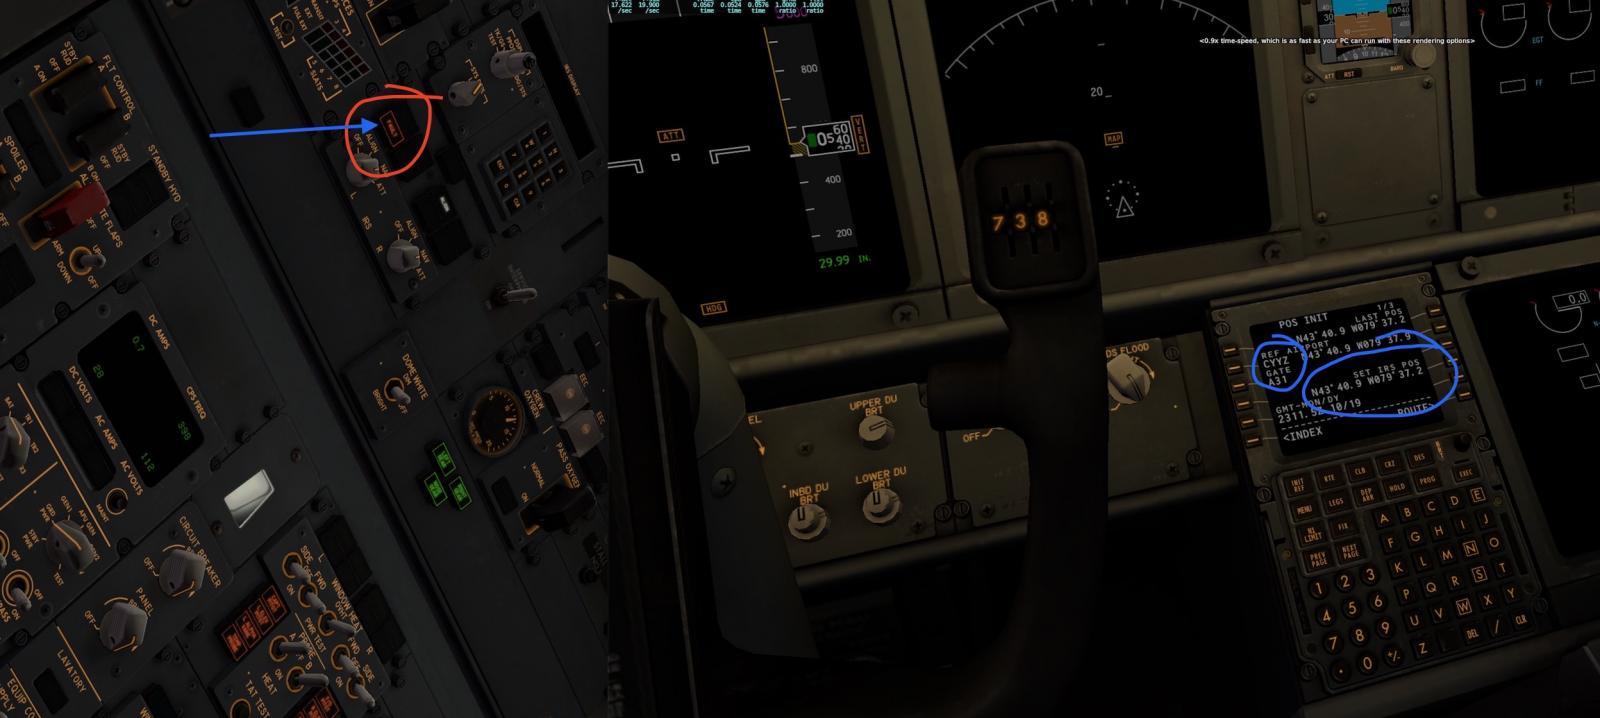 Zibo 737 Ground Steering